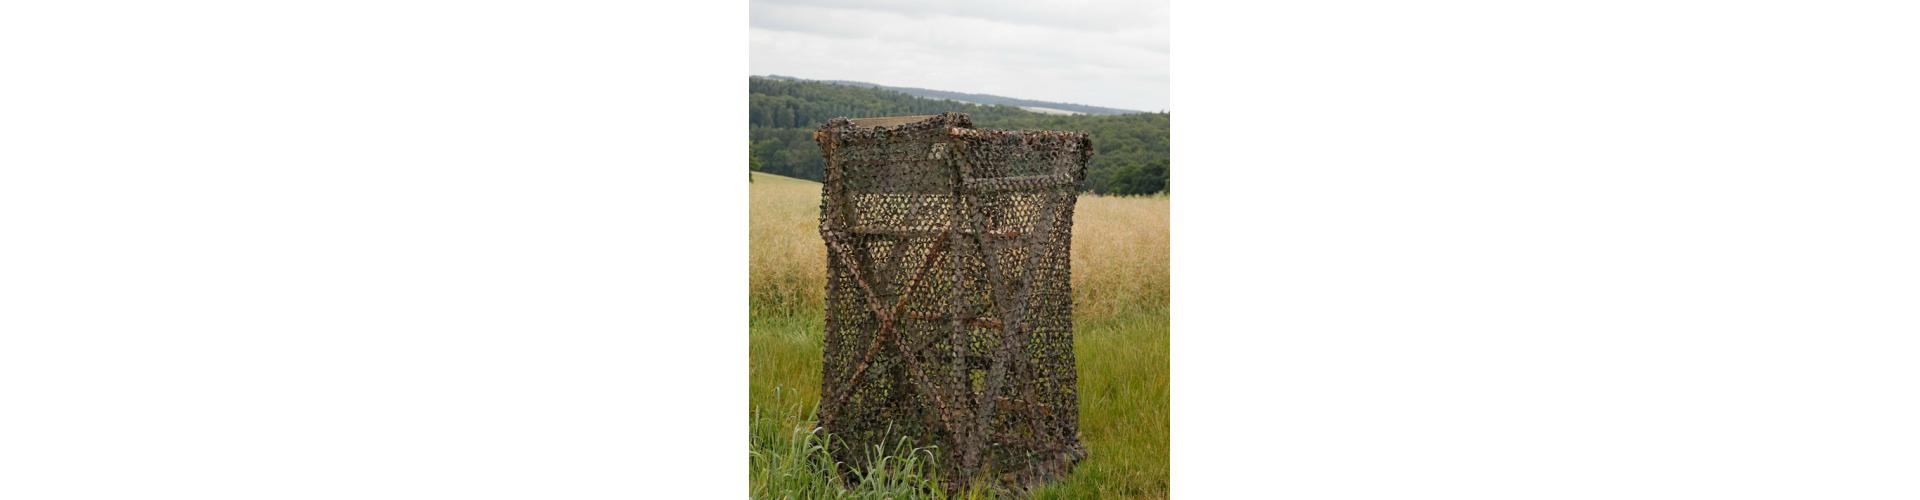 Camouflagenet | Køb Gåseskjul & Jagtskjul Online | Stort Udvalg